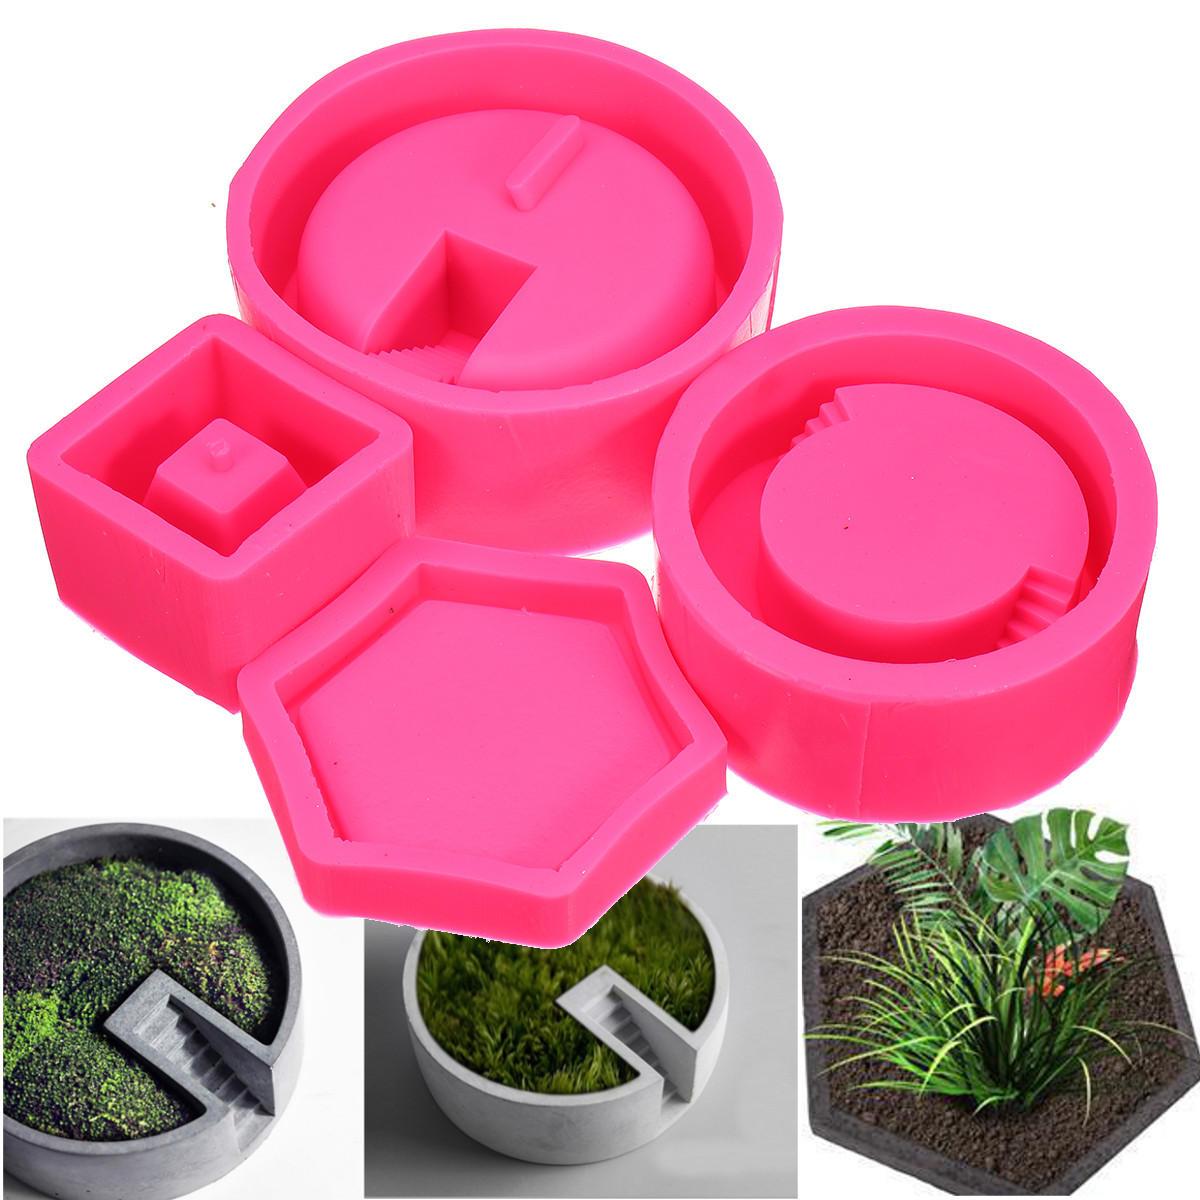 3D Silicona florero molde suculento Planta jarrón de hormigón DIY Craft molde decoración